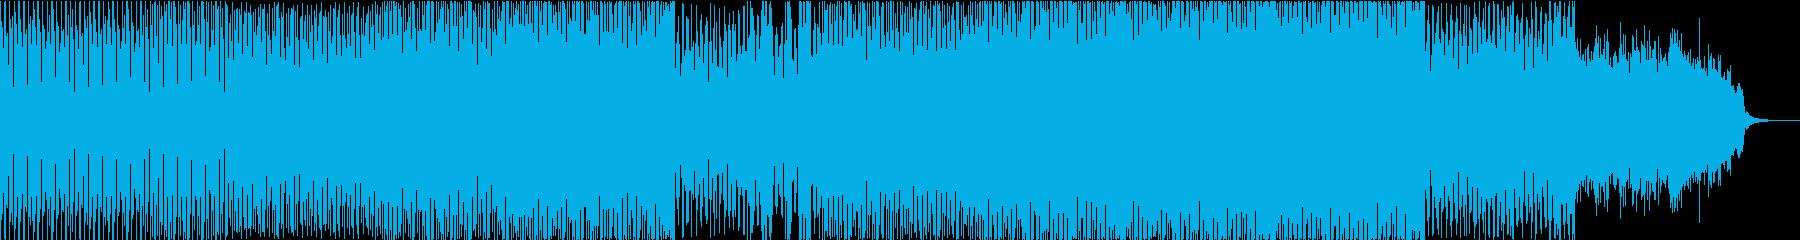 とにかくミニマルなテクノの再生済みの波形